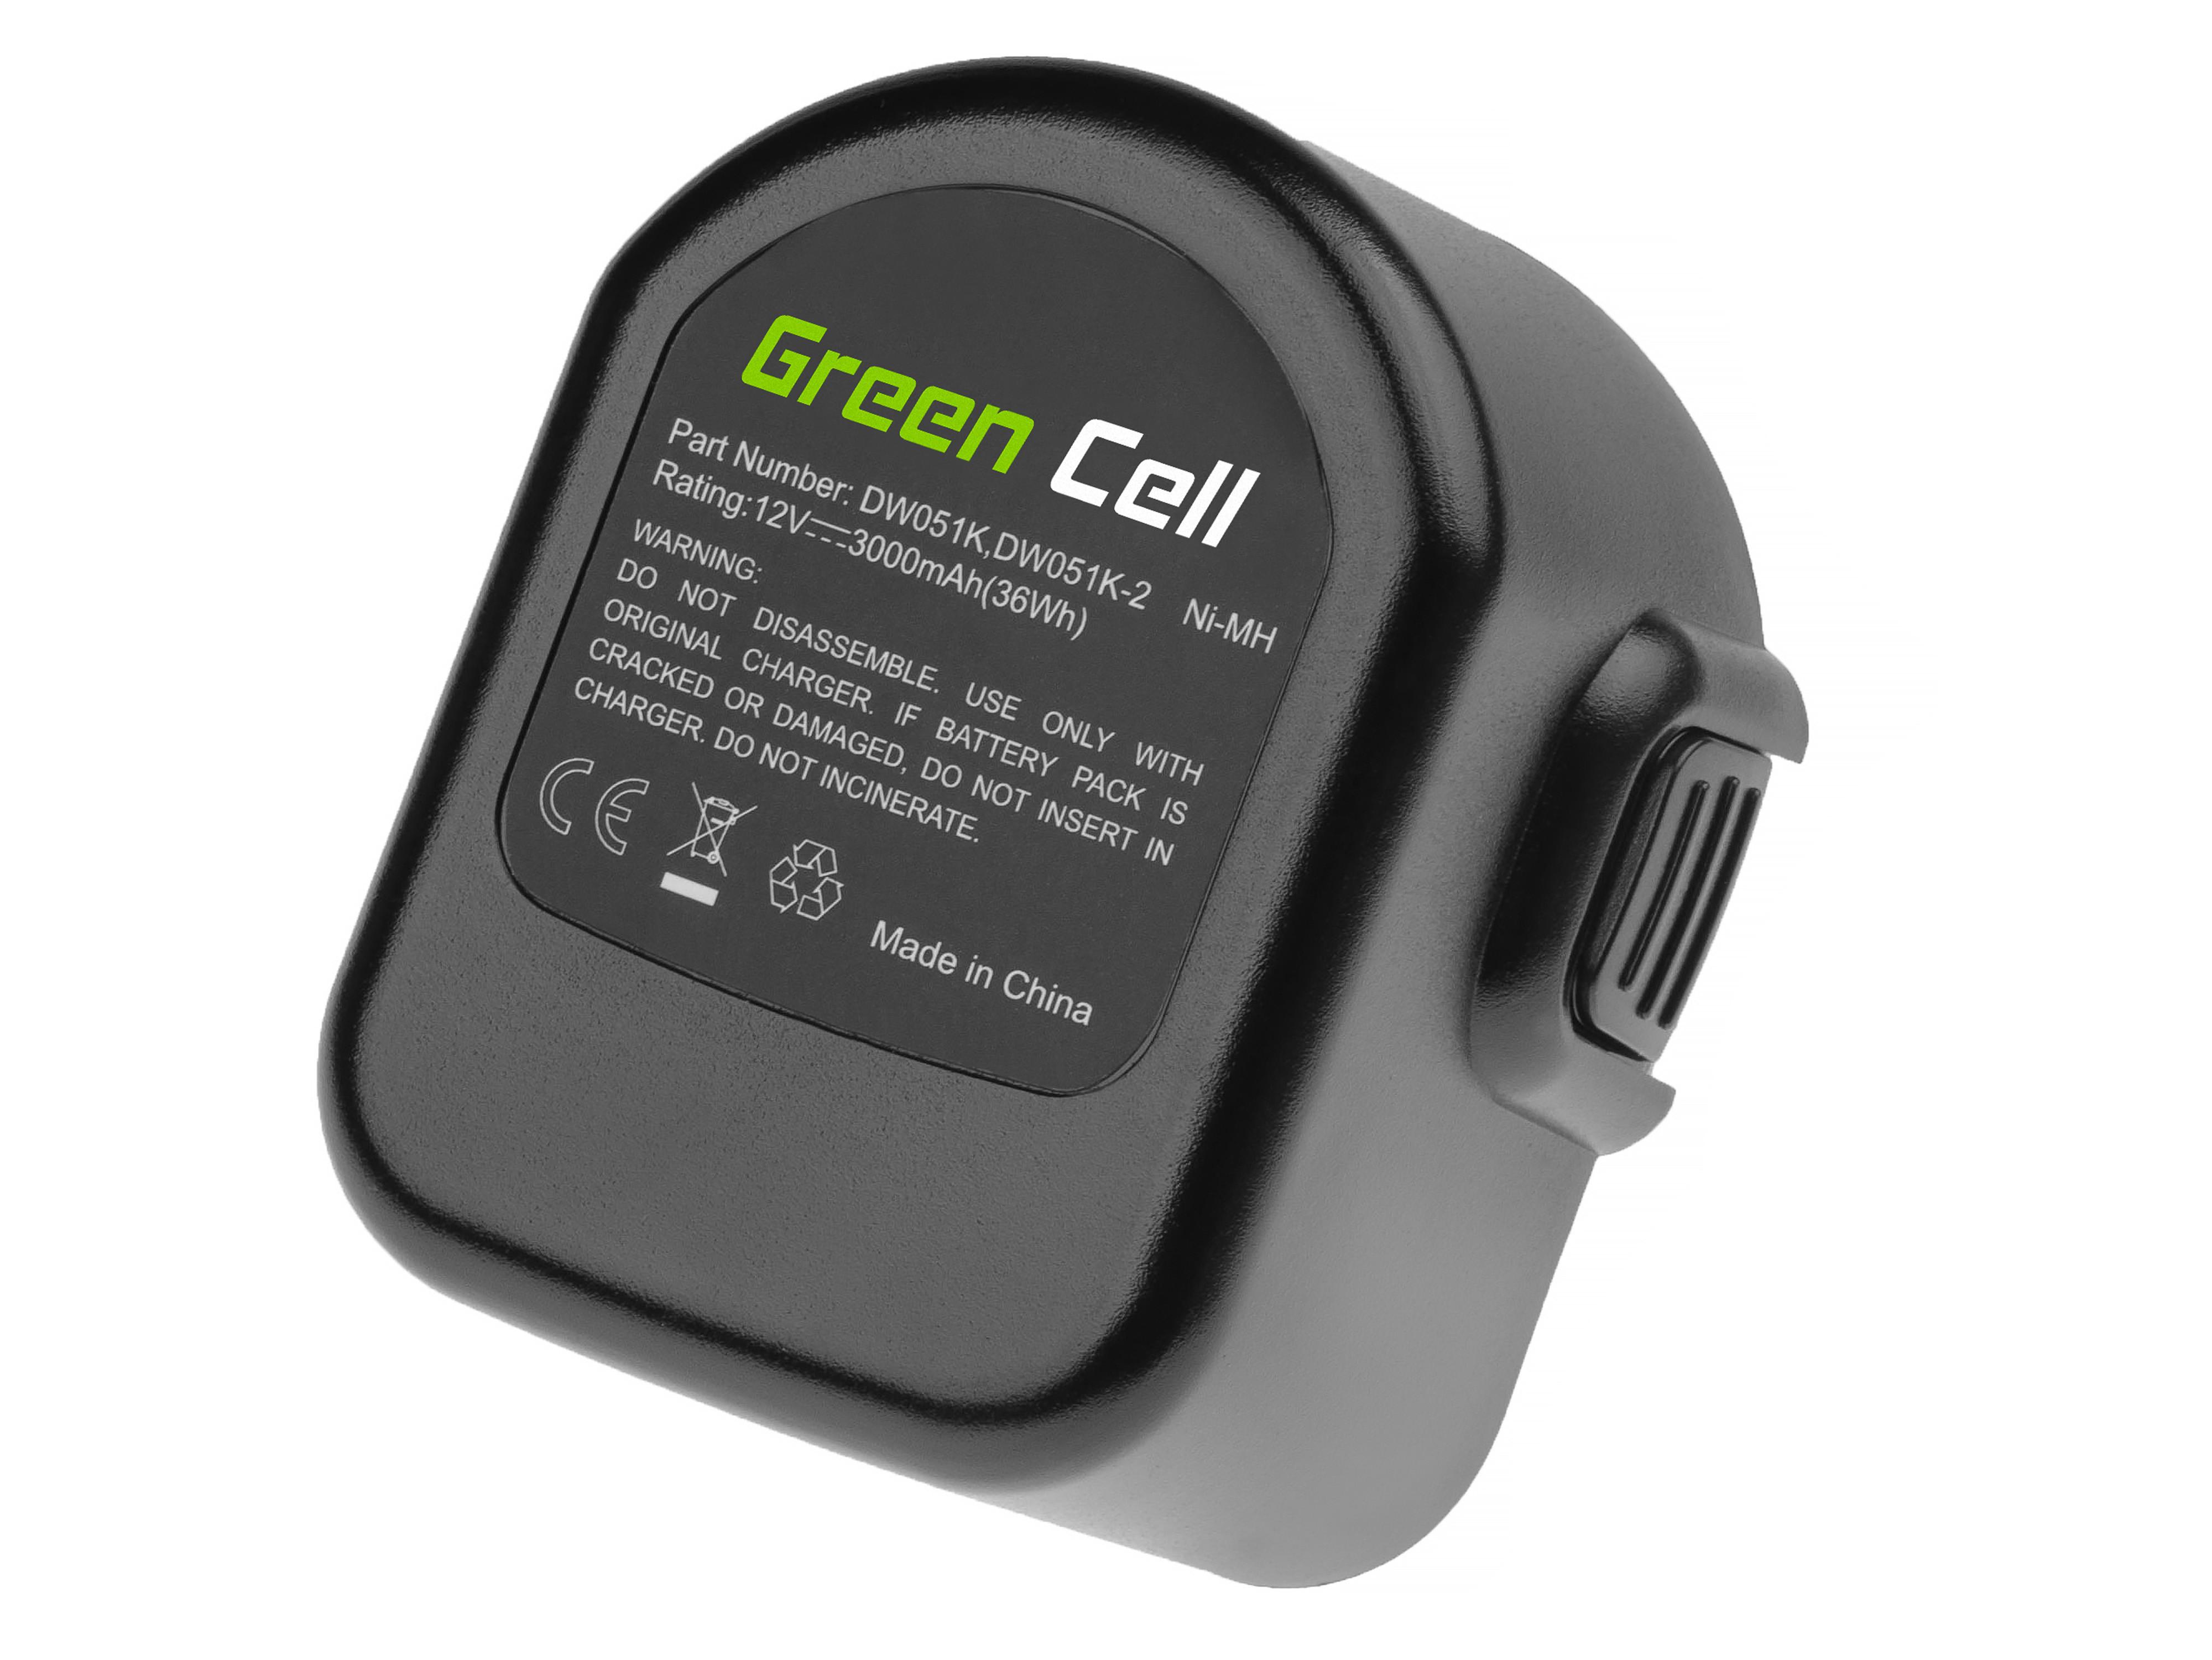 Green Cell PT52 Baterie Dewalt A9252 A9275 DE9037 DE9071 DE9074 DE9075,DeWalt/Black&Decker KC120V KC1262F CD12C CD12CA 3000mAh Ni-MH – neoriginální